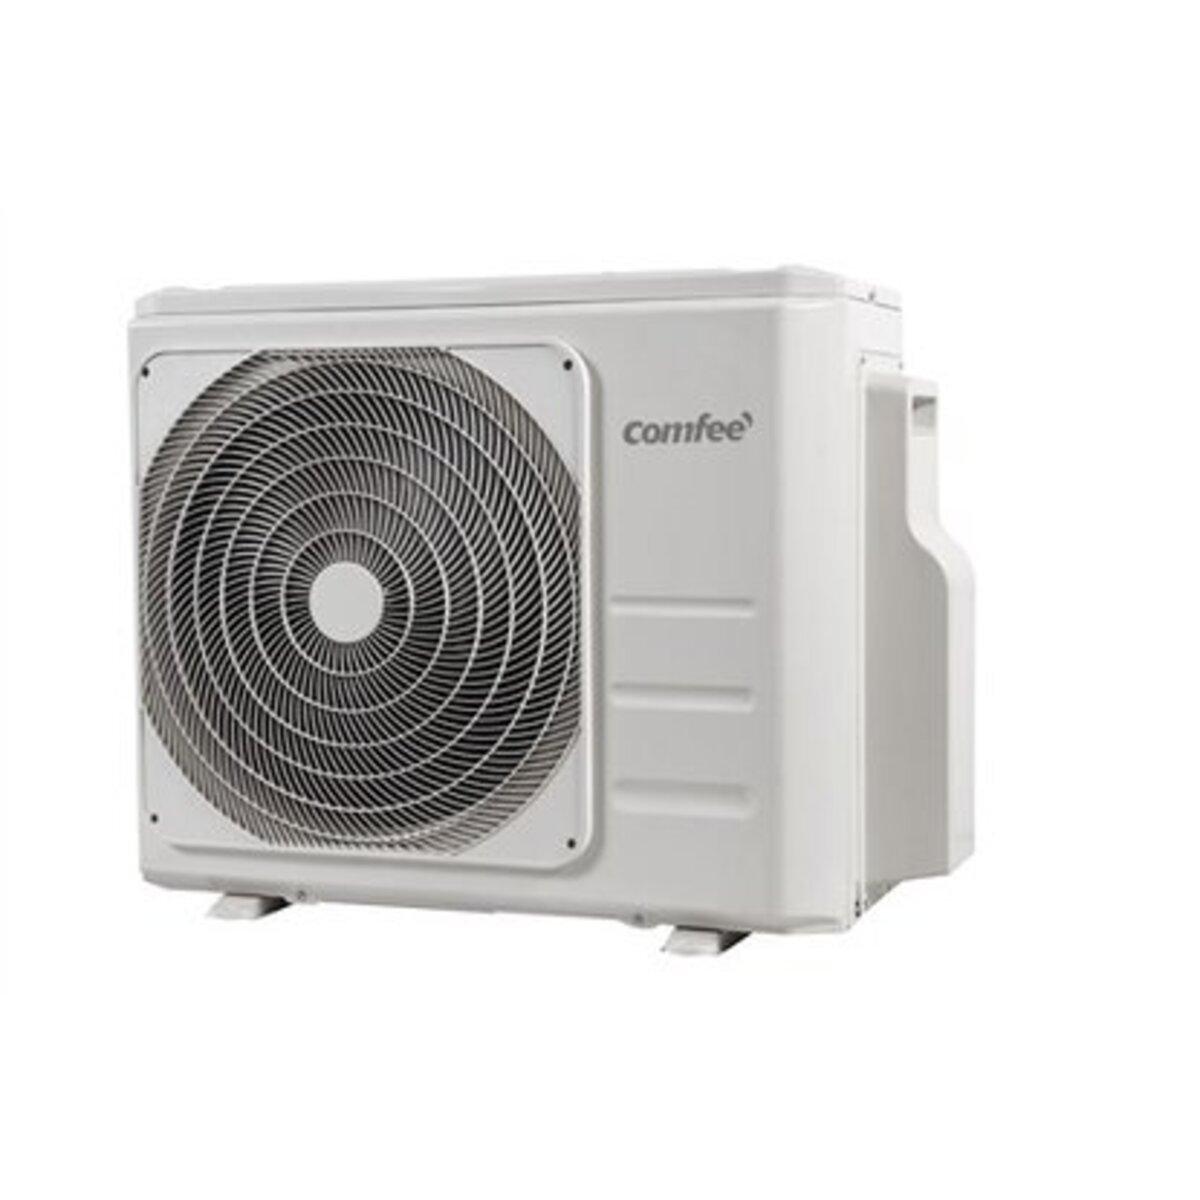 Bild 3 von Comfee Trio Split-Klimagerät 7,9 kW 24.000 BTU EEK: A++